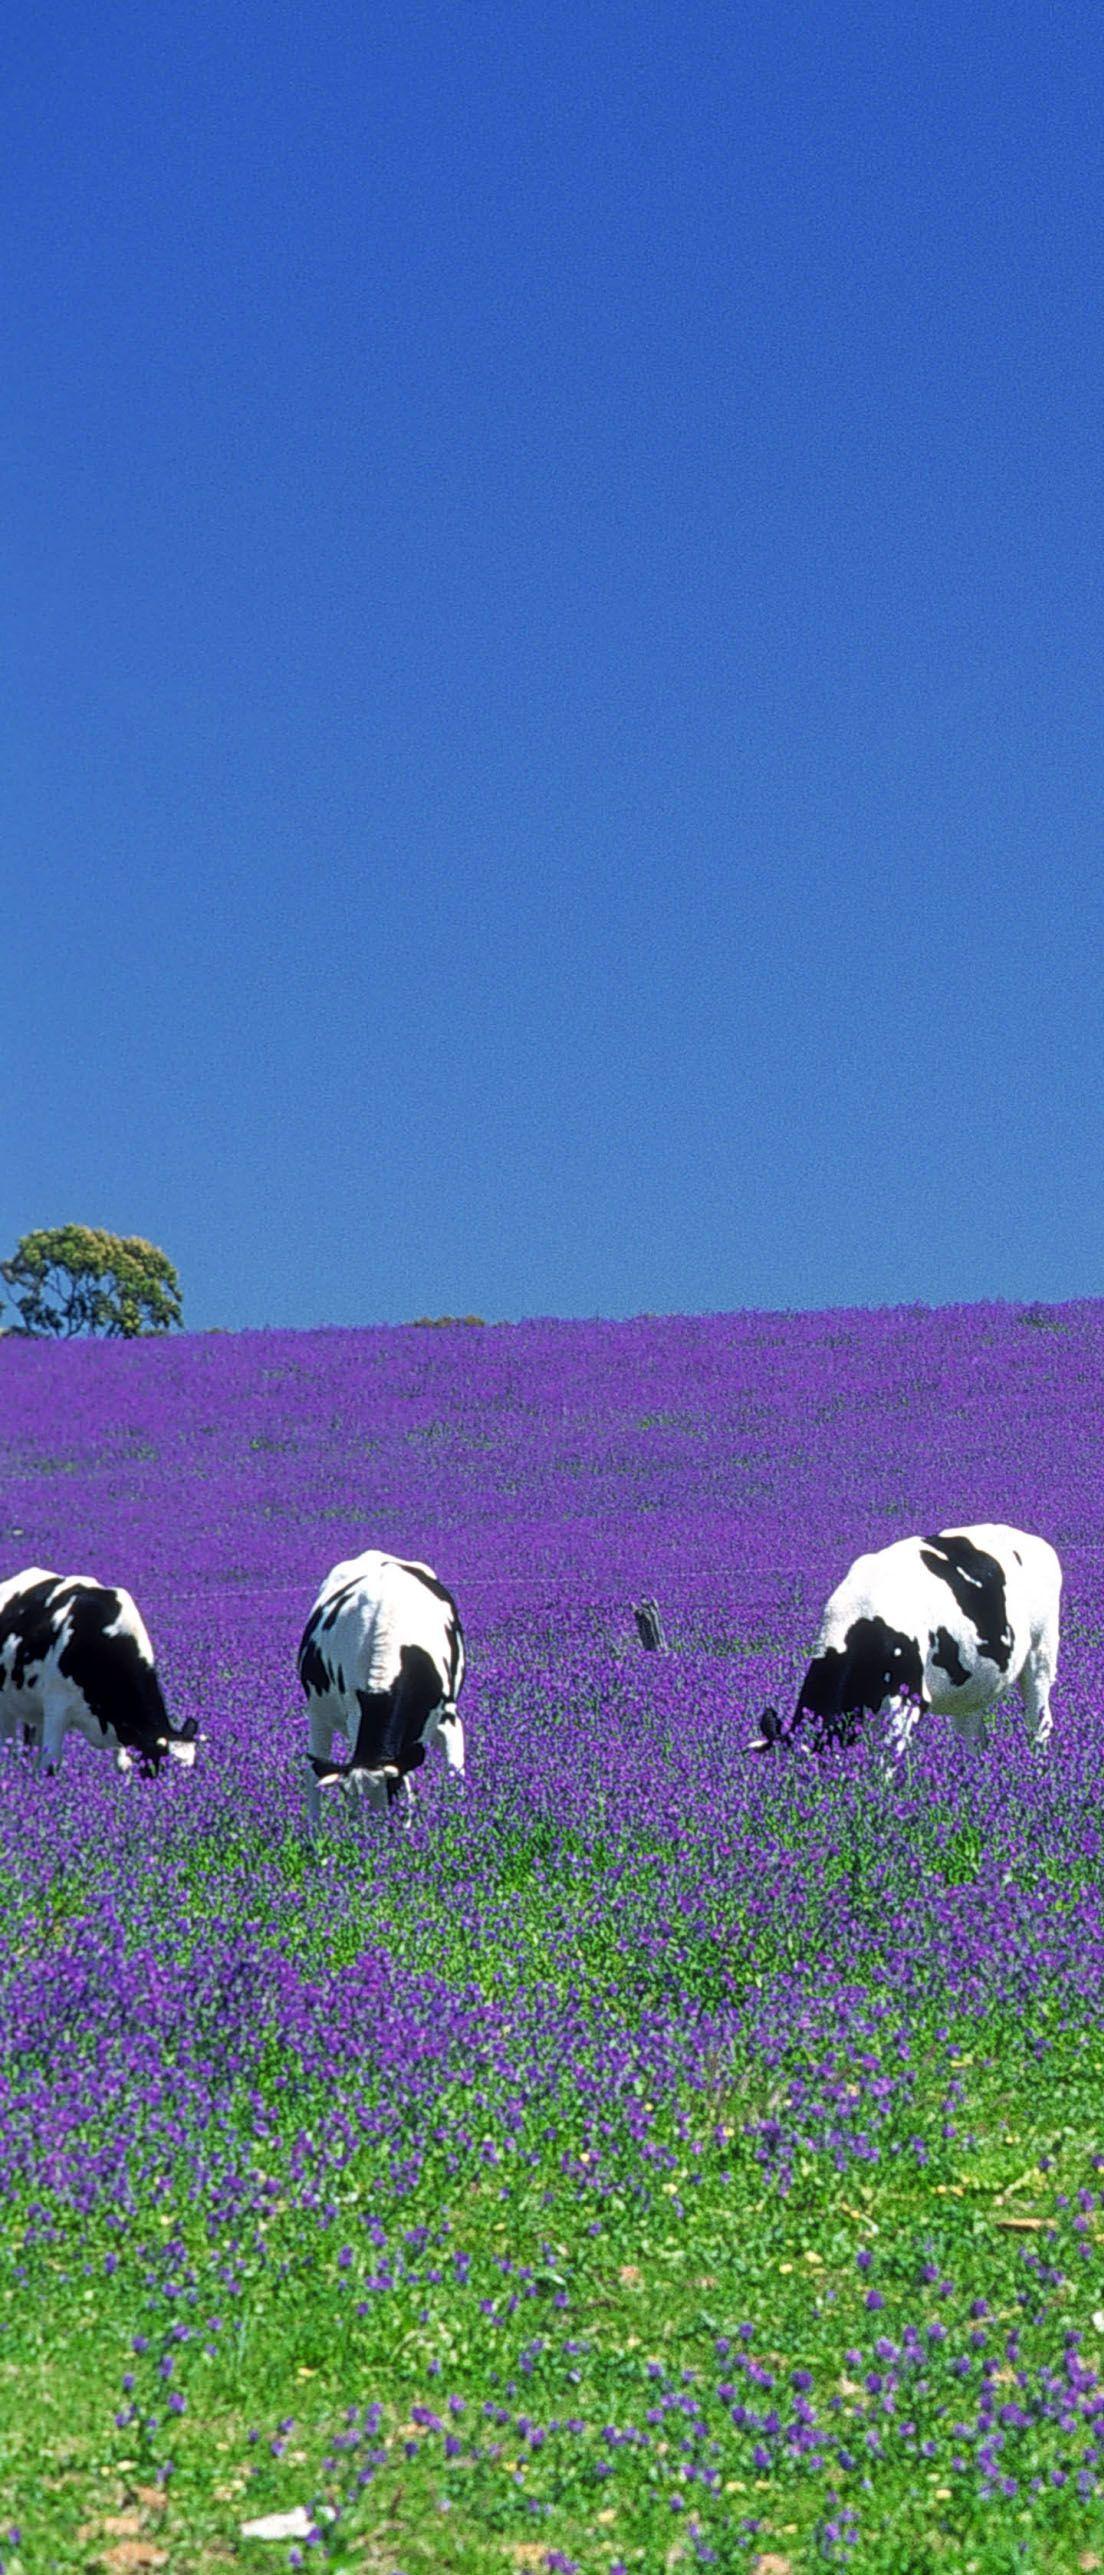 Voila Le Secret Des Vaches Violettes De Milka Cows Pinterest Kuhe Tiere Et Kuh